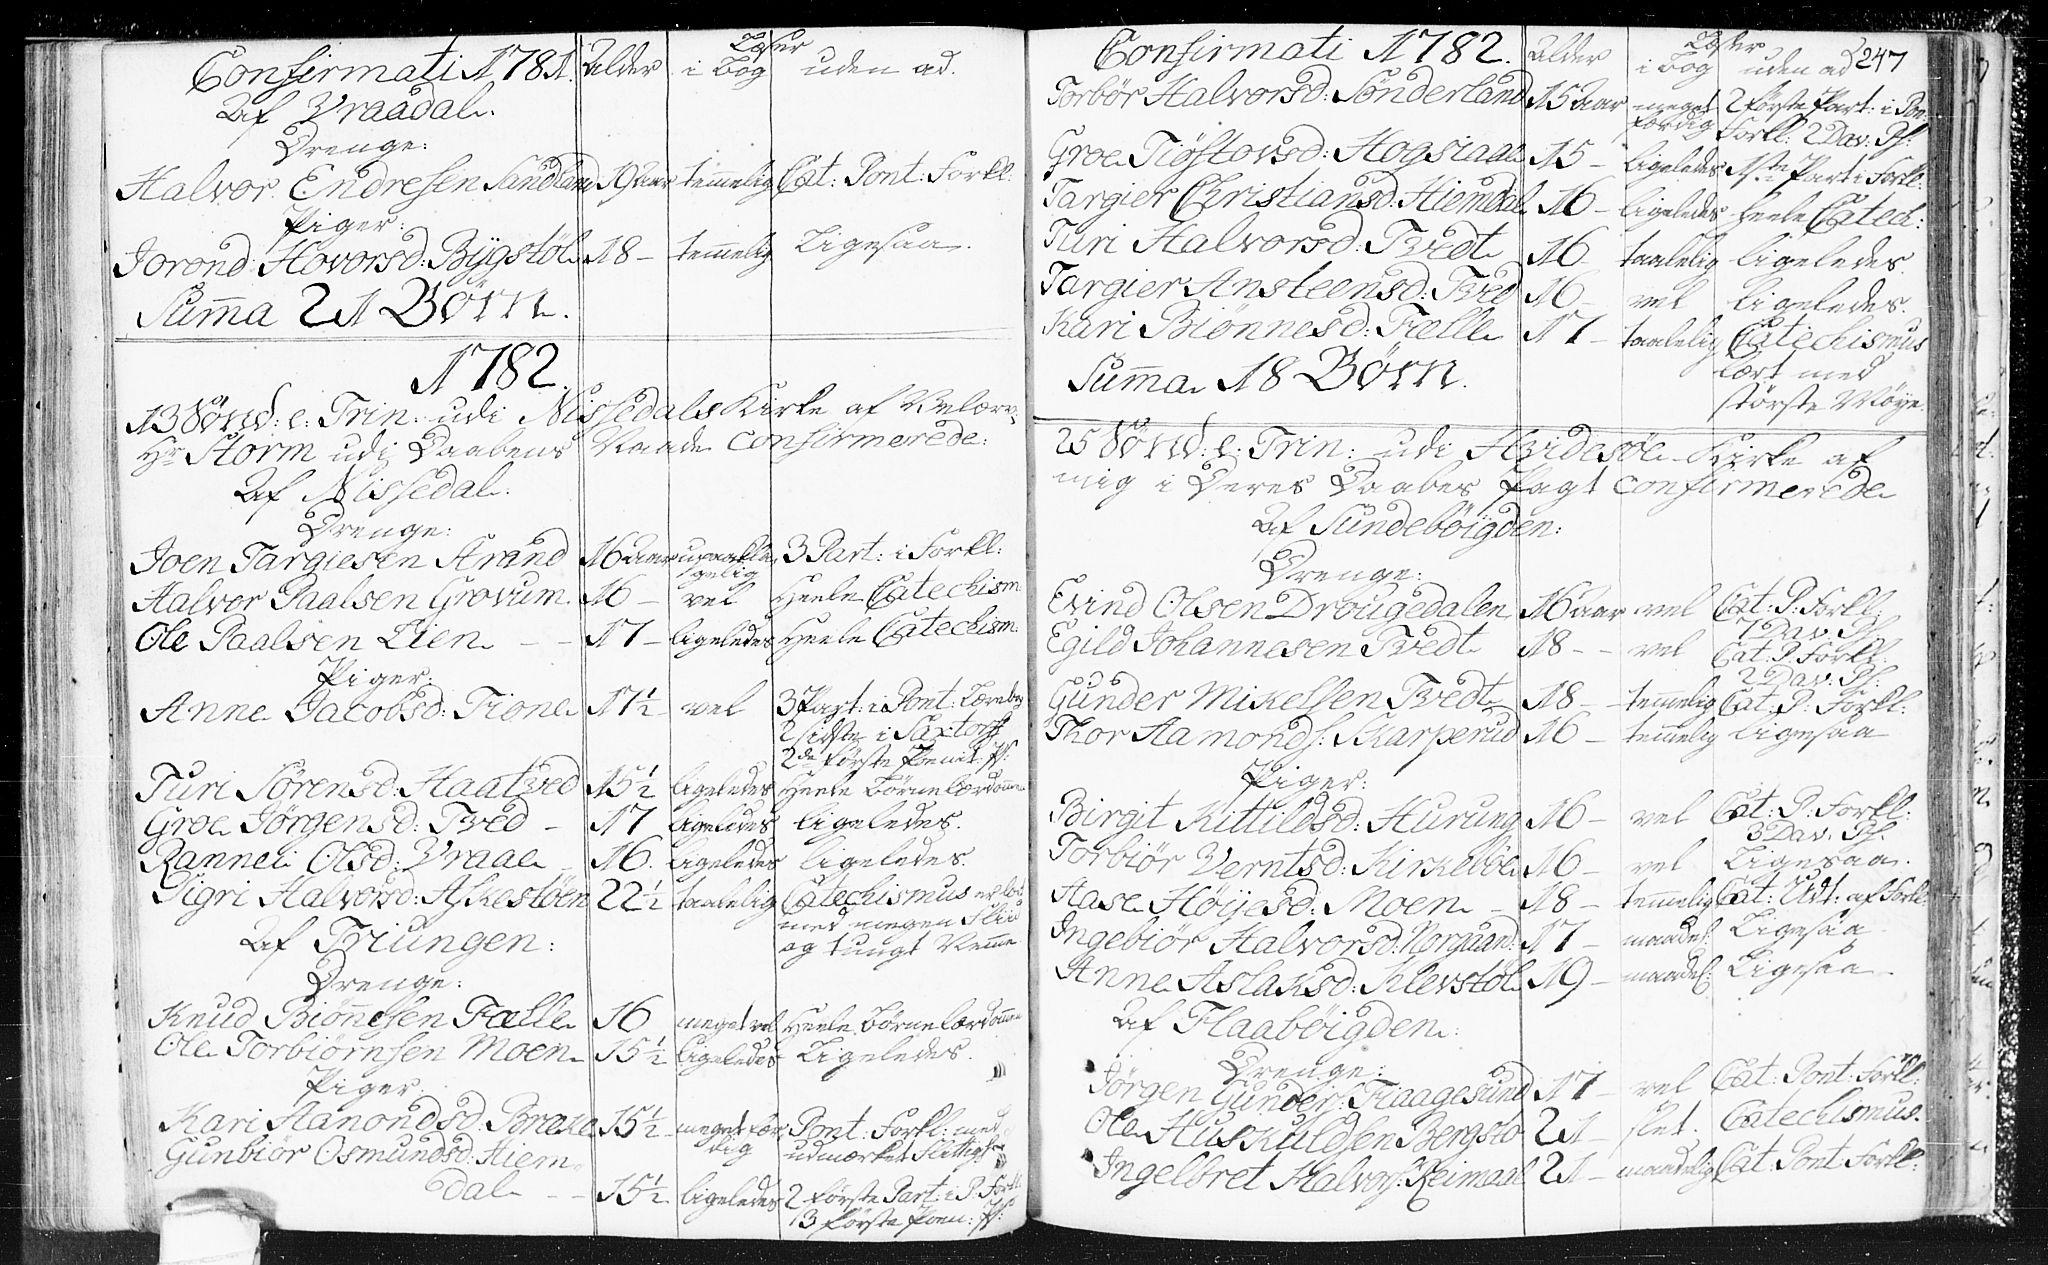 SAKO, Kviteseid kirkebøker, F/Fa/L0002: Ministerialbok nr. I 2, 1773-1786, s. 247